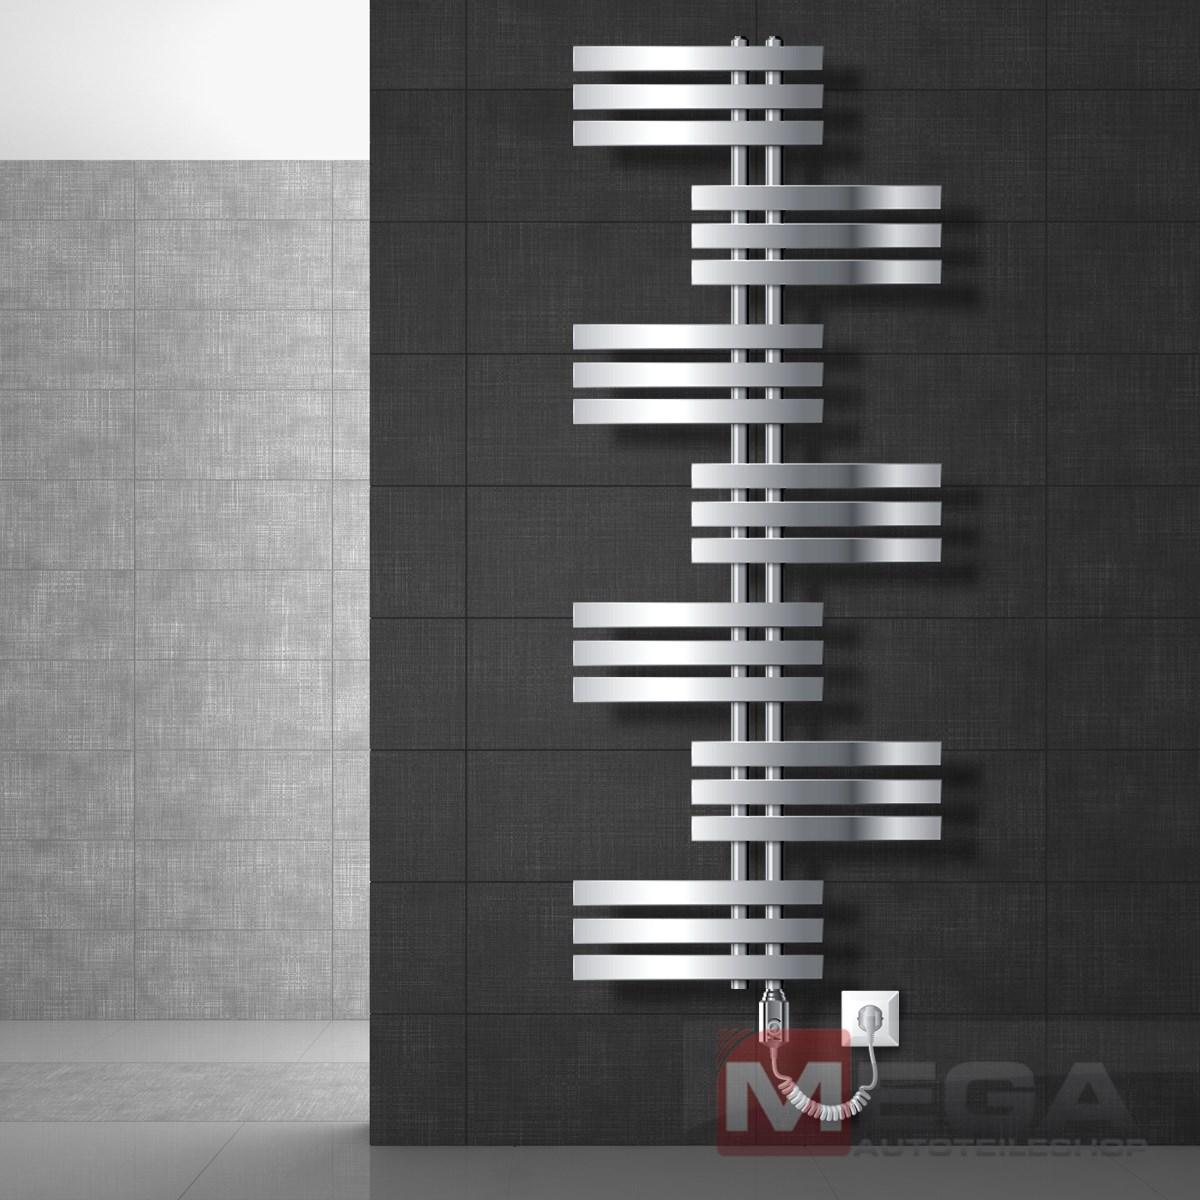 Design Heizkrper Heizung Badezimmer Badheizkrper Handtuchwrmer Mittelanschlu  eBay